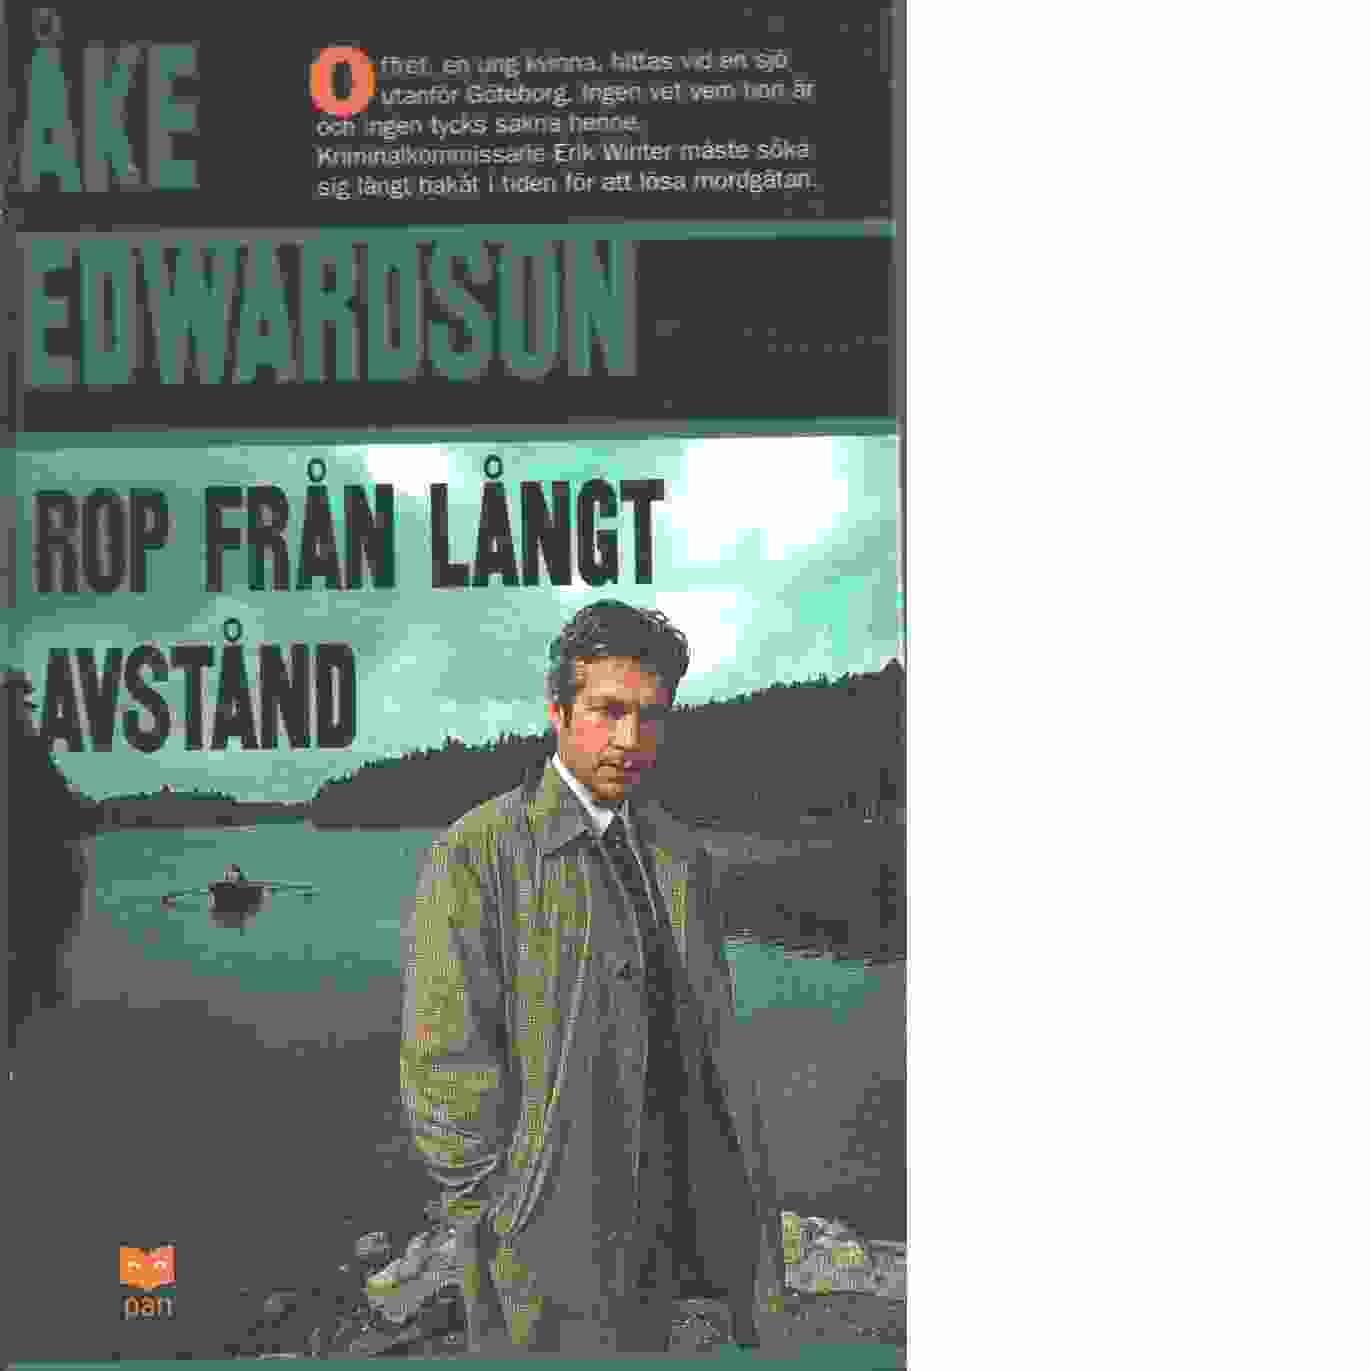 Rop från långt avstånd - Edwardson, Åke